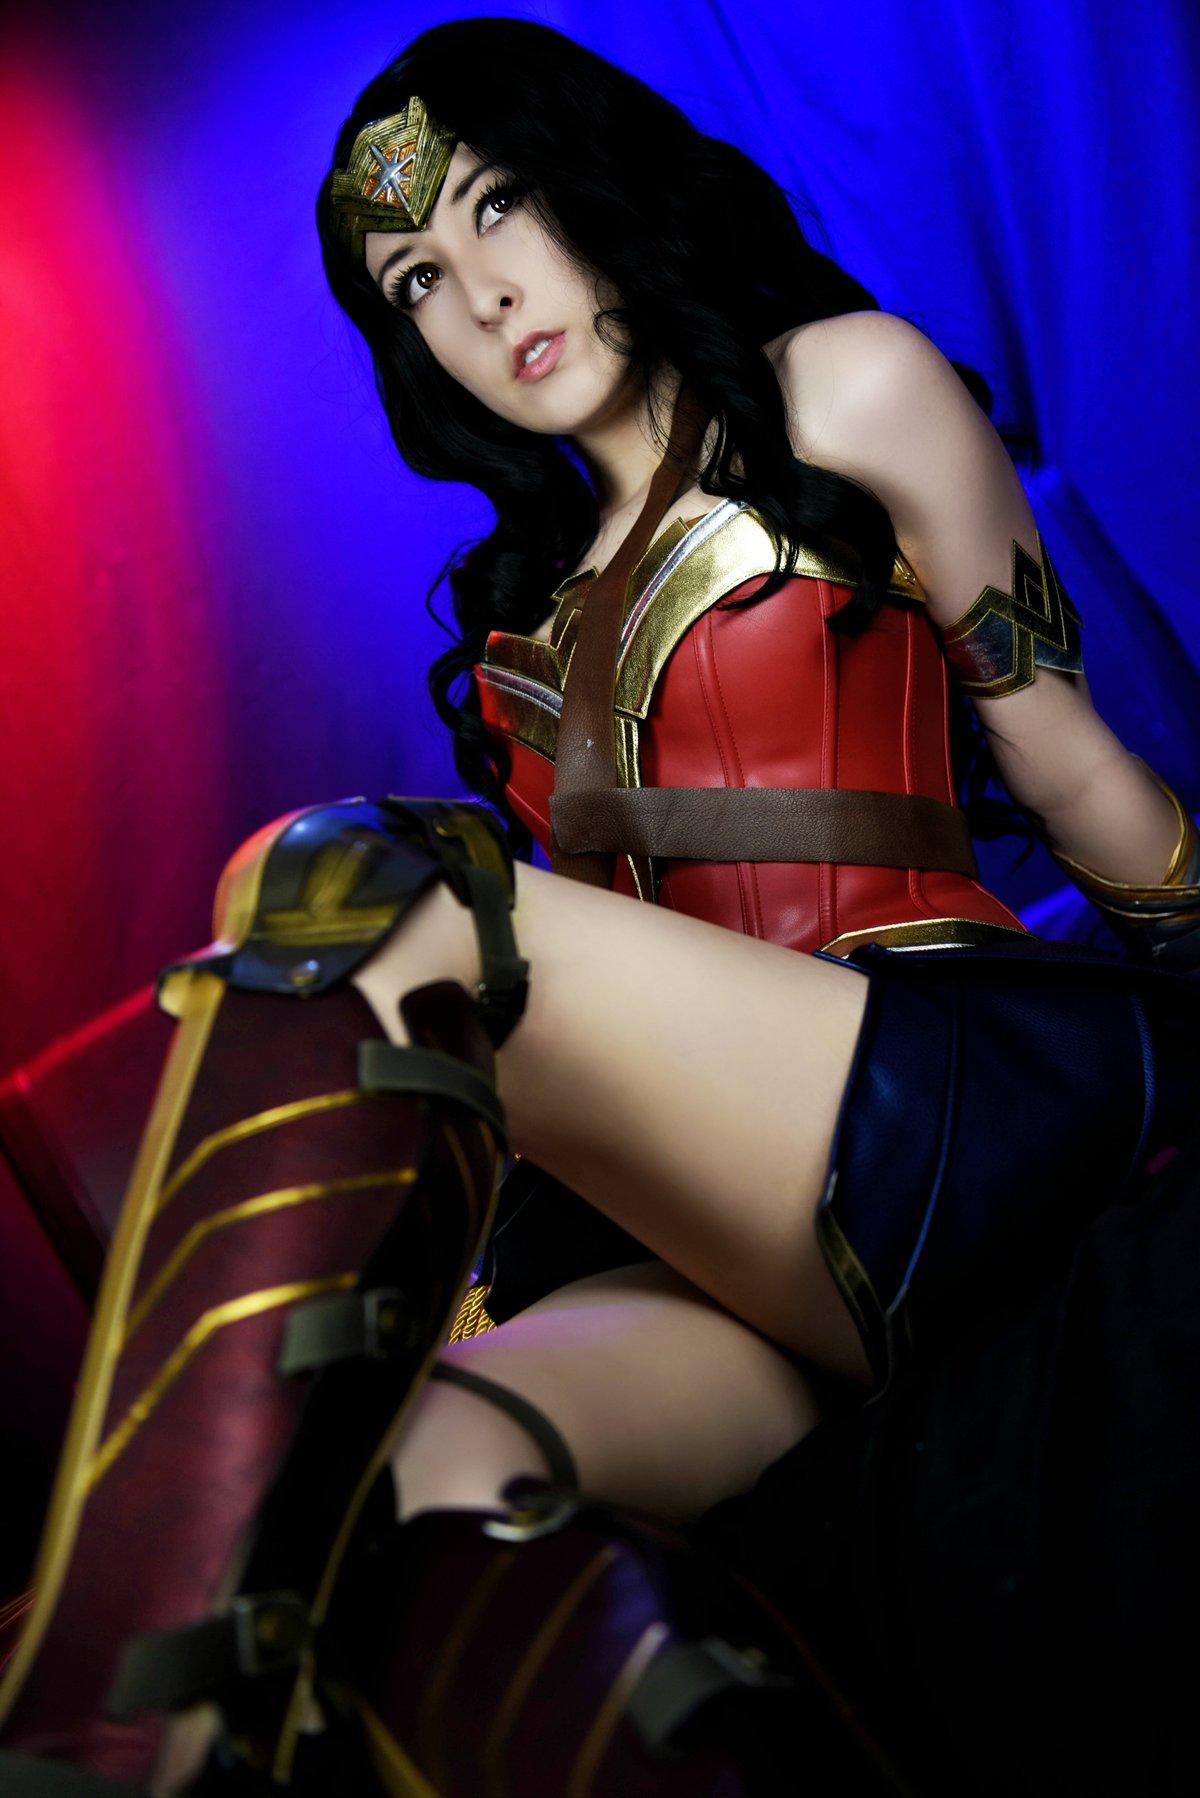 Image of Wonder Woman Set